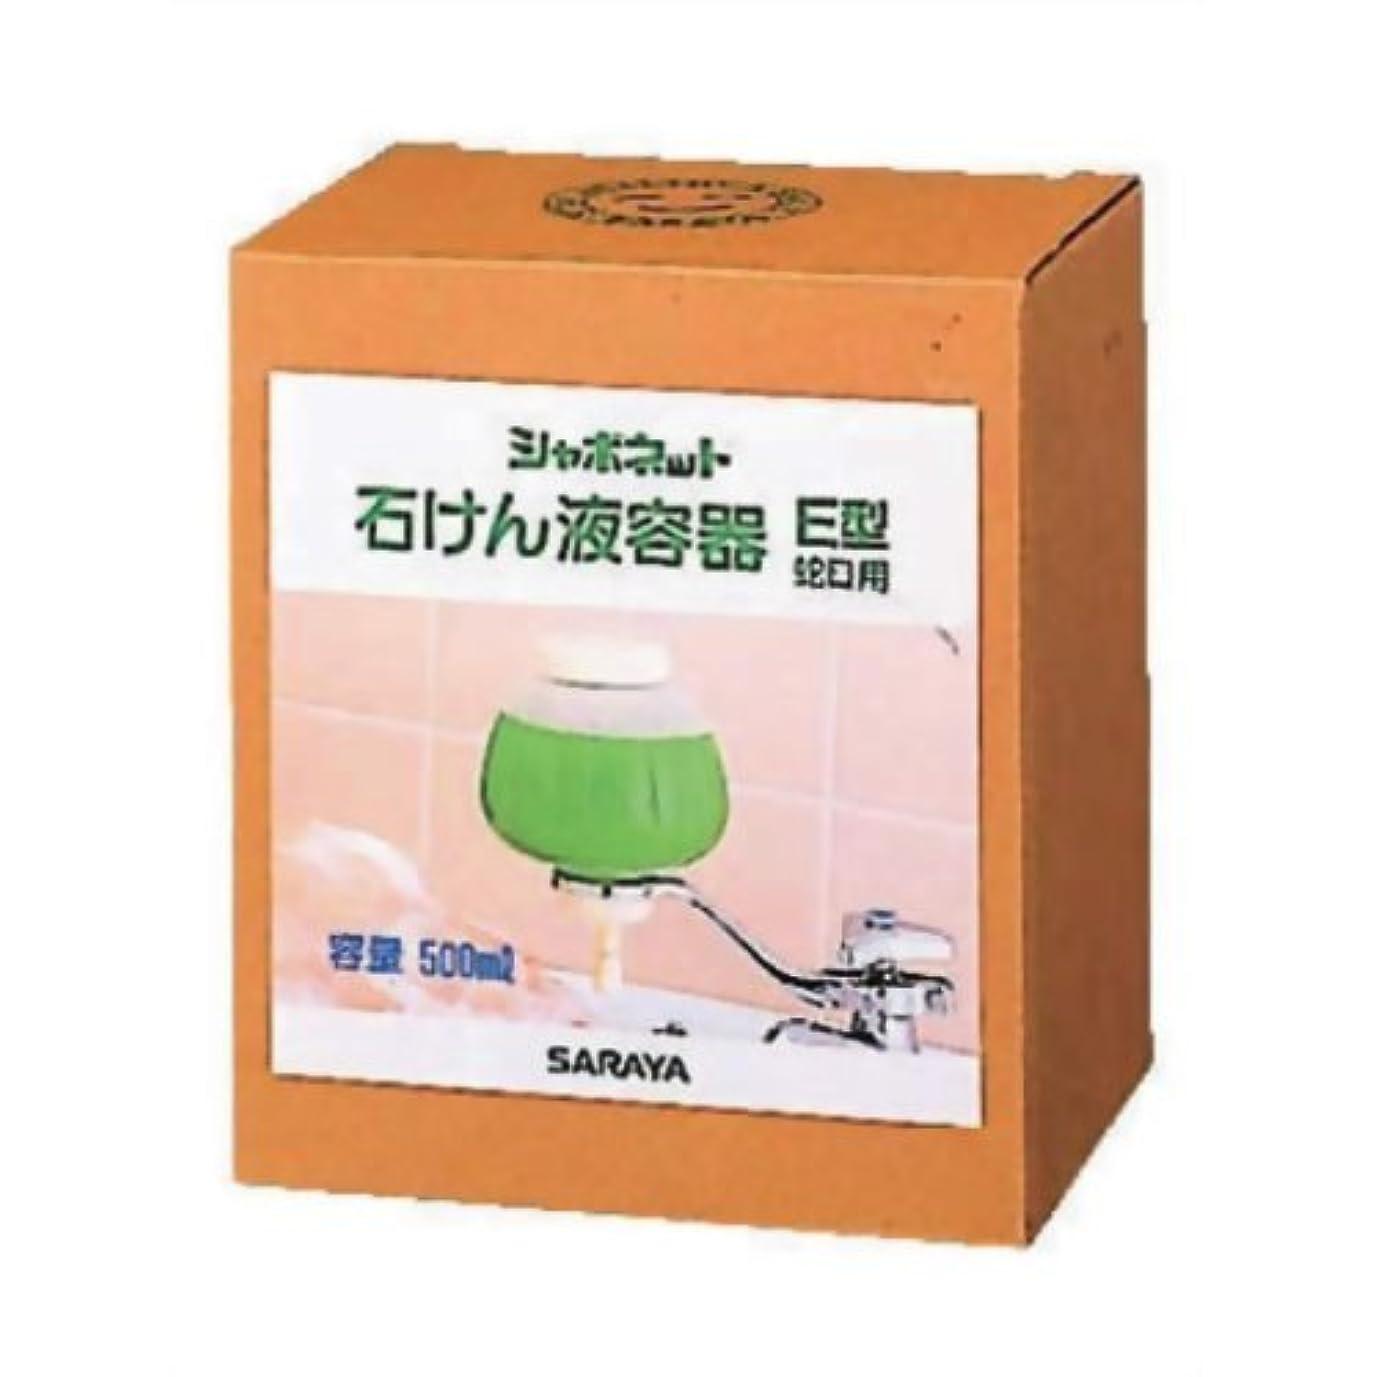 賢い一般的に言えばチラチラするシャボネット石鹸液容器 500mLE型蛇口用 21450/63828559 サラヤ